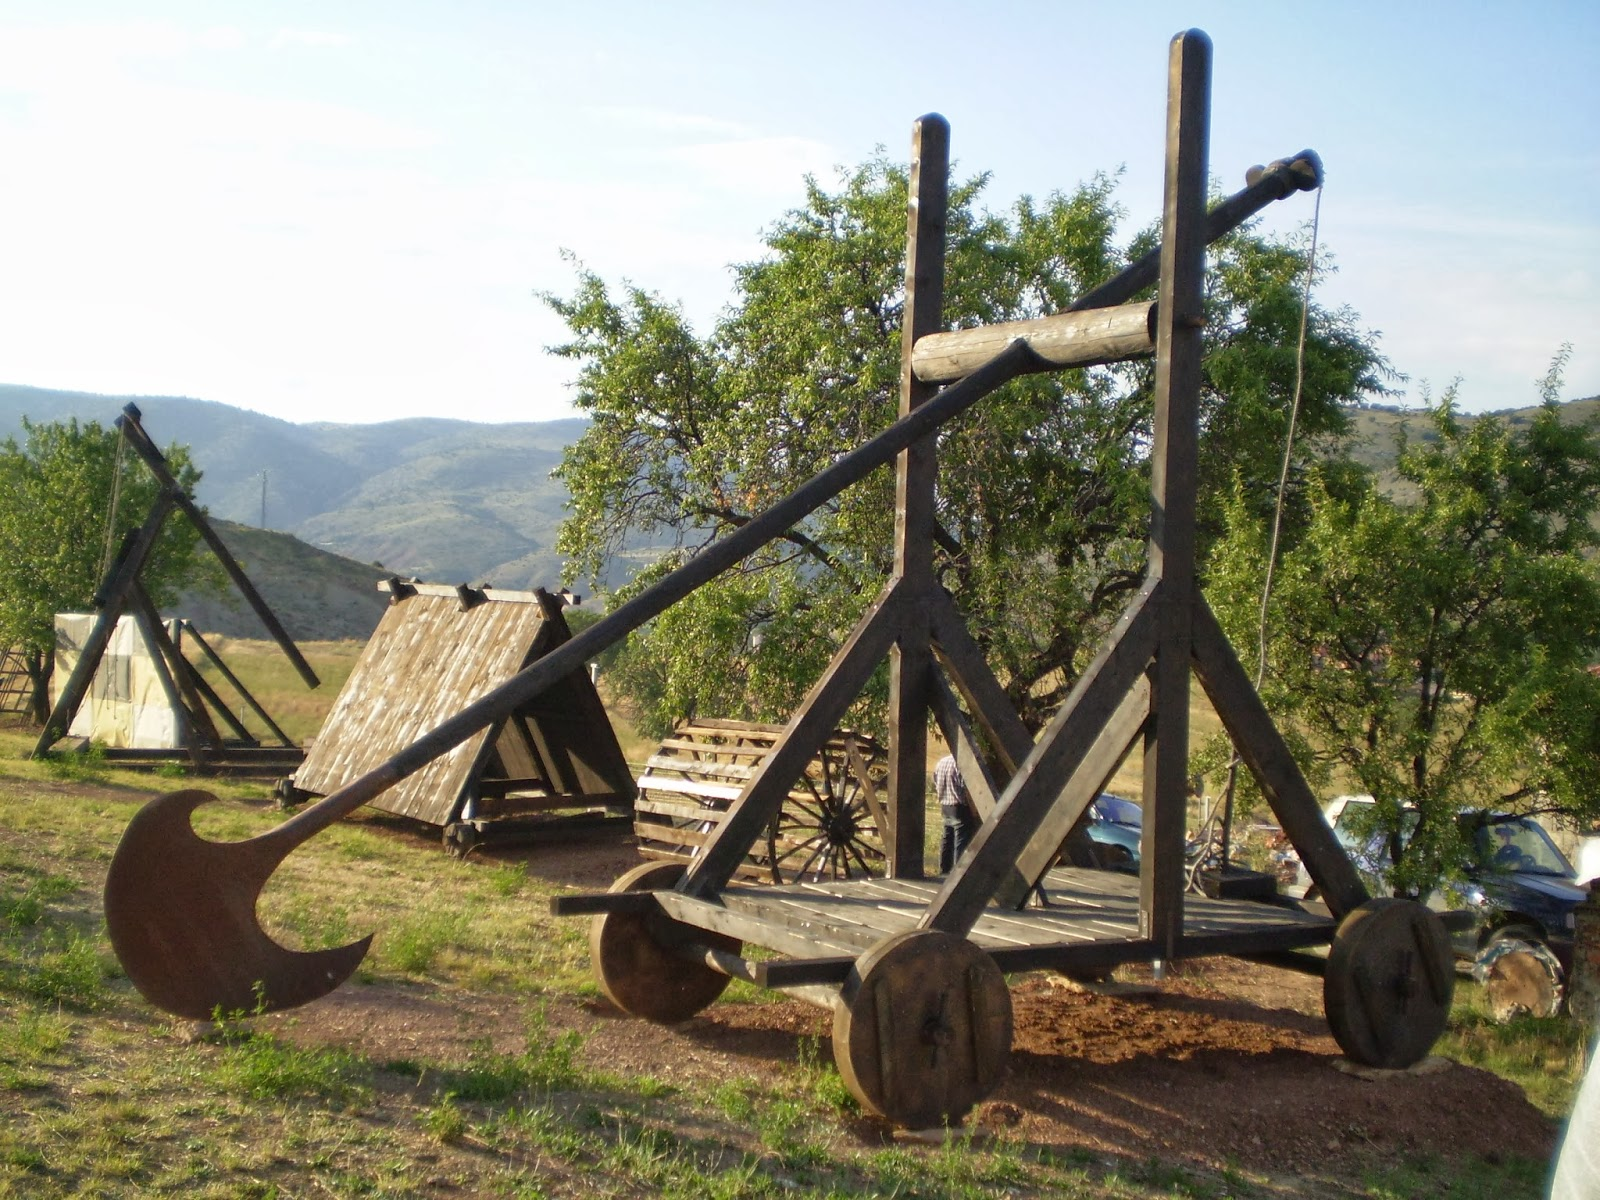 Trebuchet Park. Historia Militar